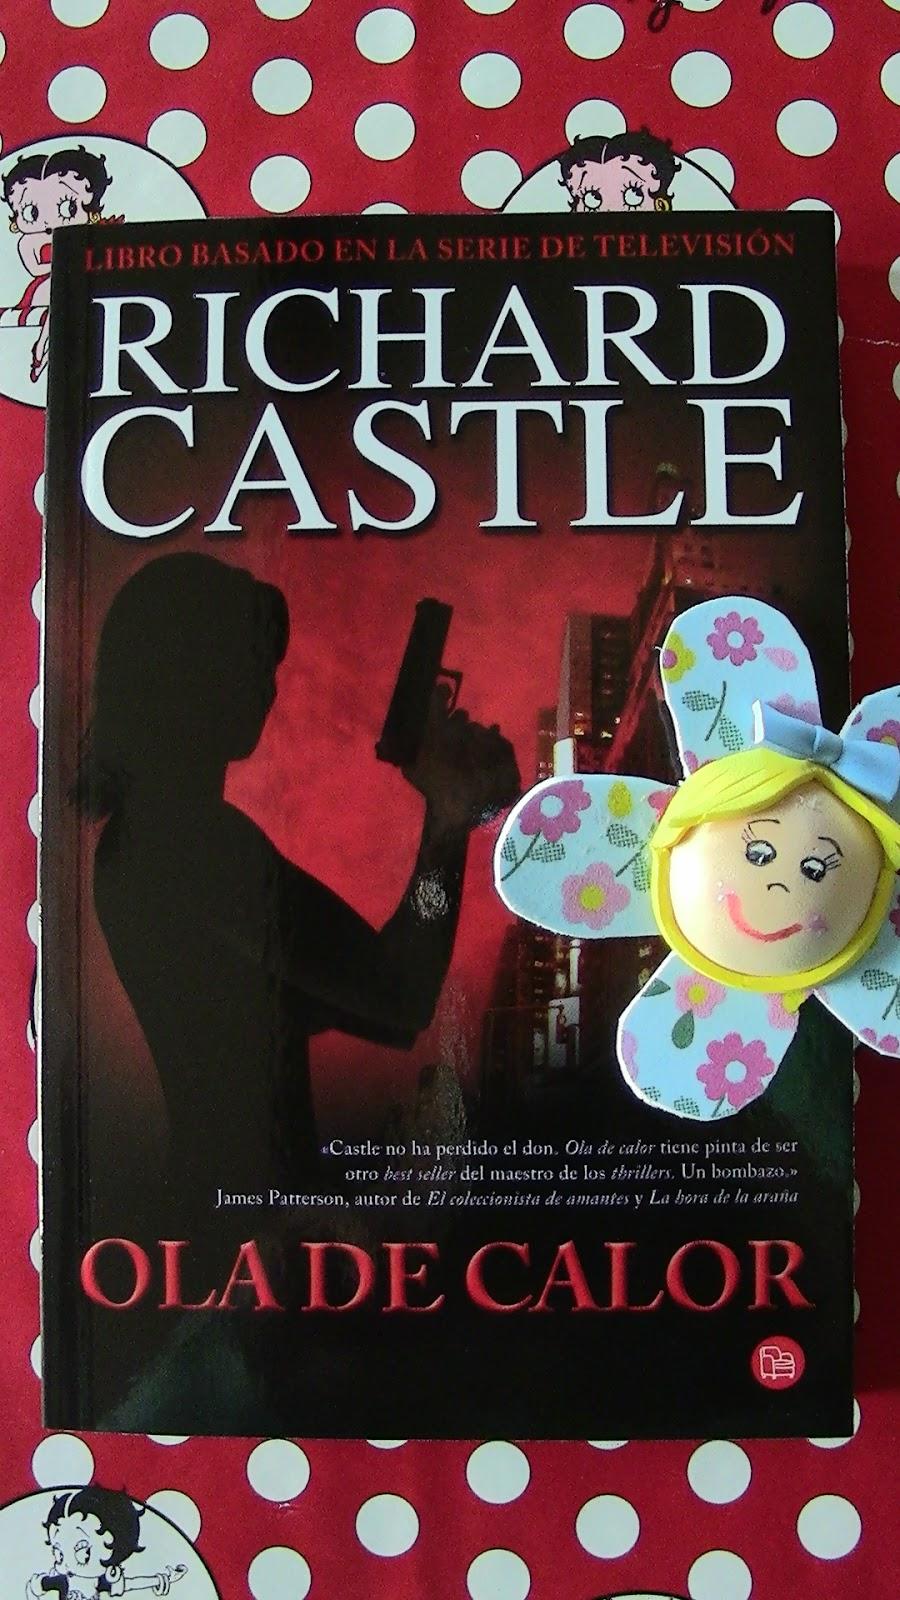 Atrapada en unas hojas de papel: Ola de calor - Richard Castle